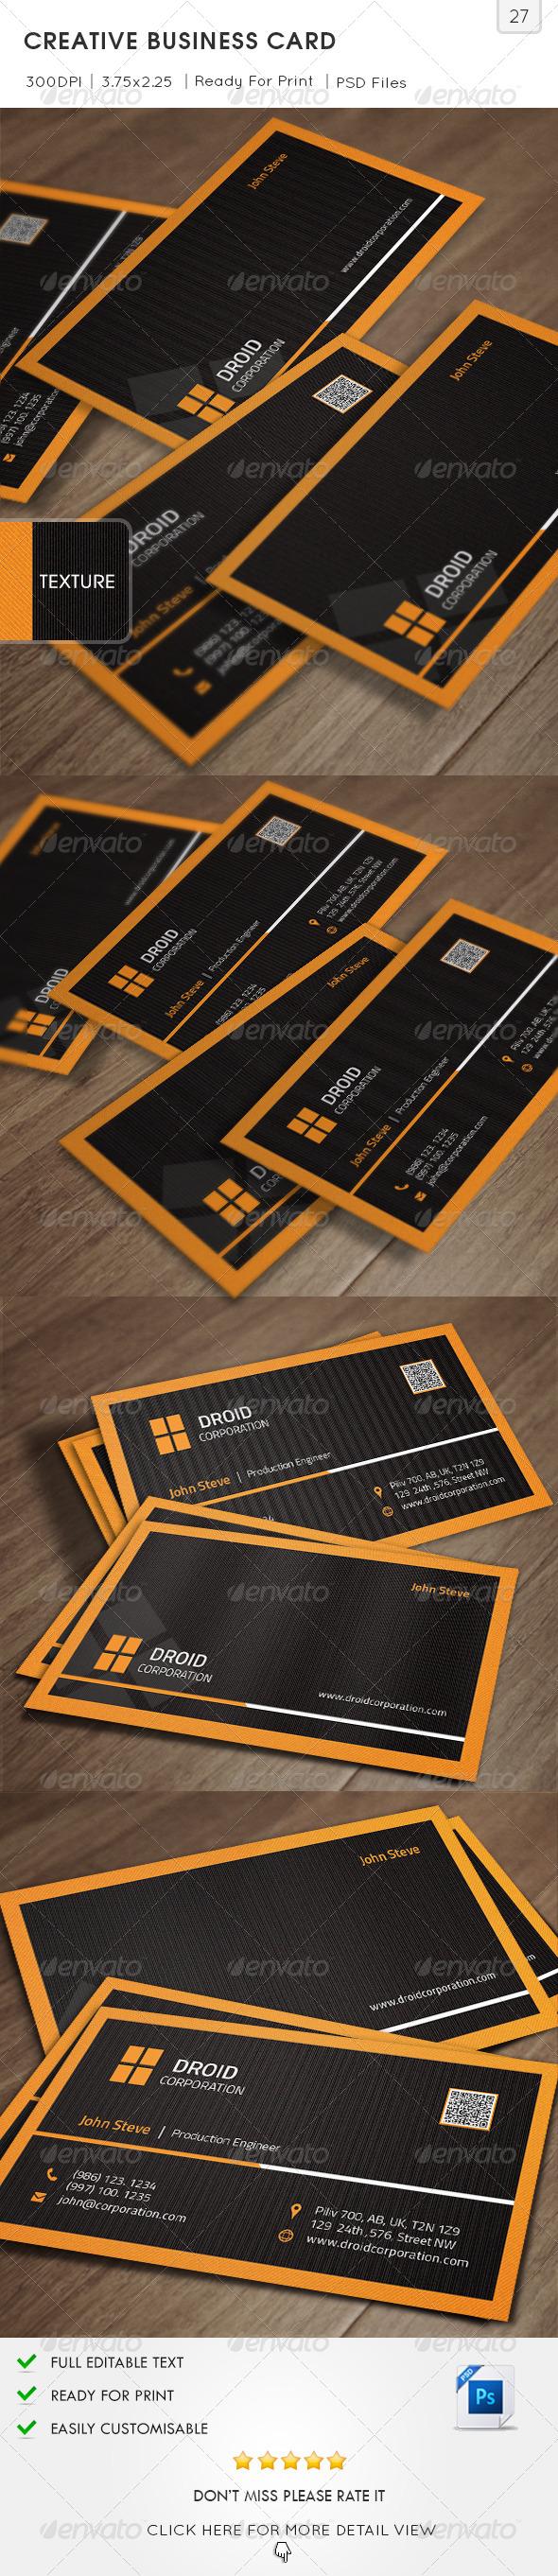 GraphicRiver Creative Business Card v27 6393145